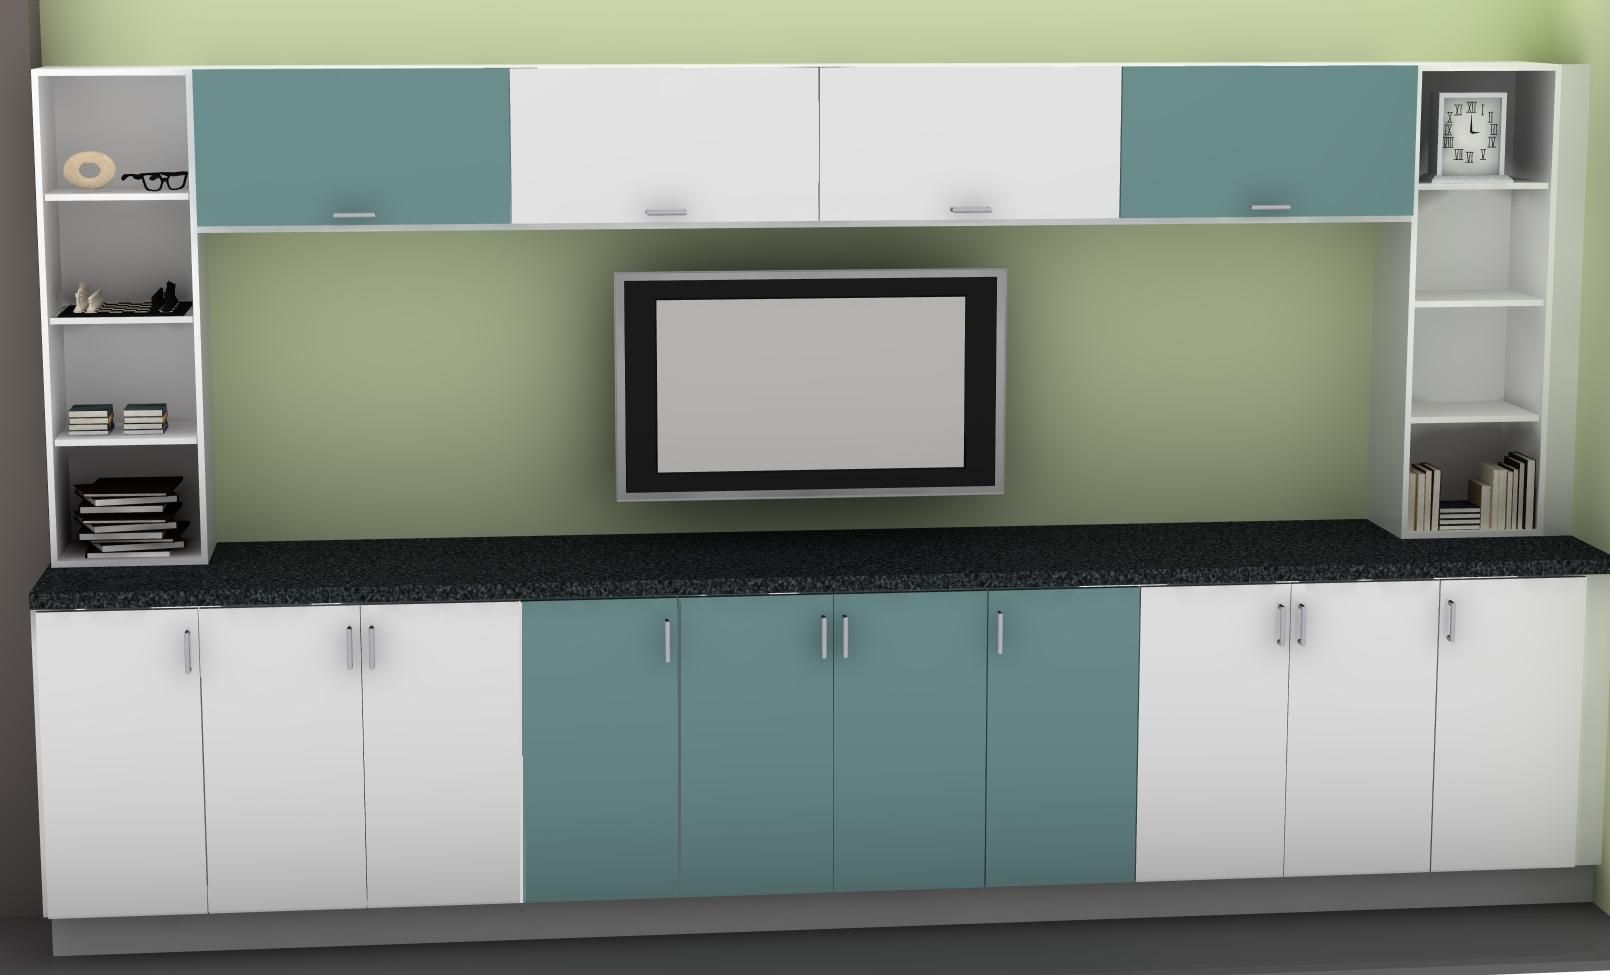 Ikea Küche Oberschränke Überprüfen Sie mehr unter http://kuchedeko ...